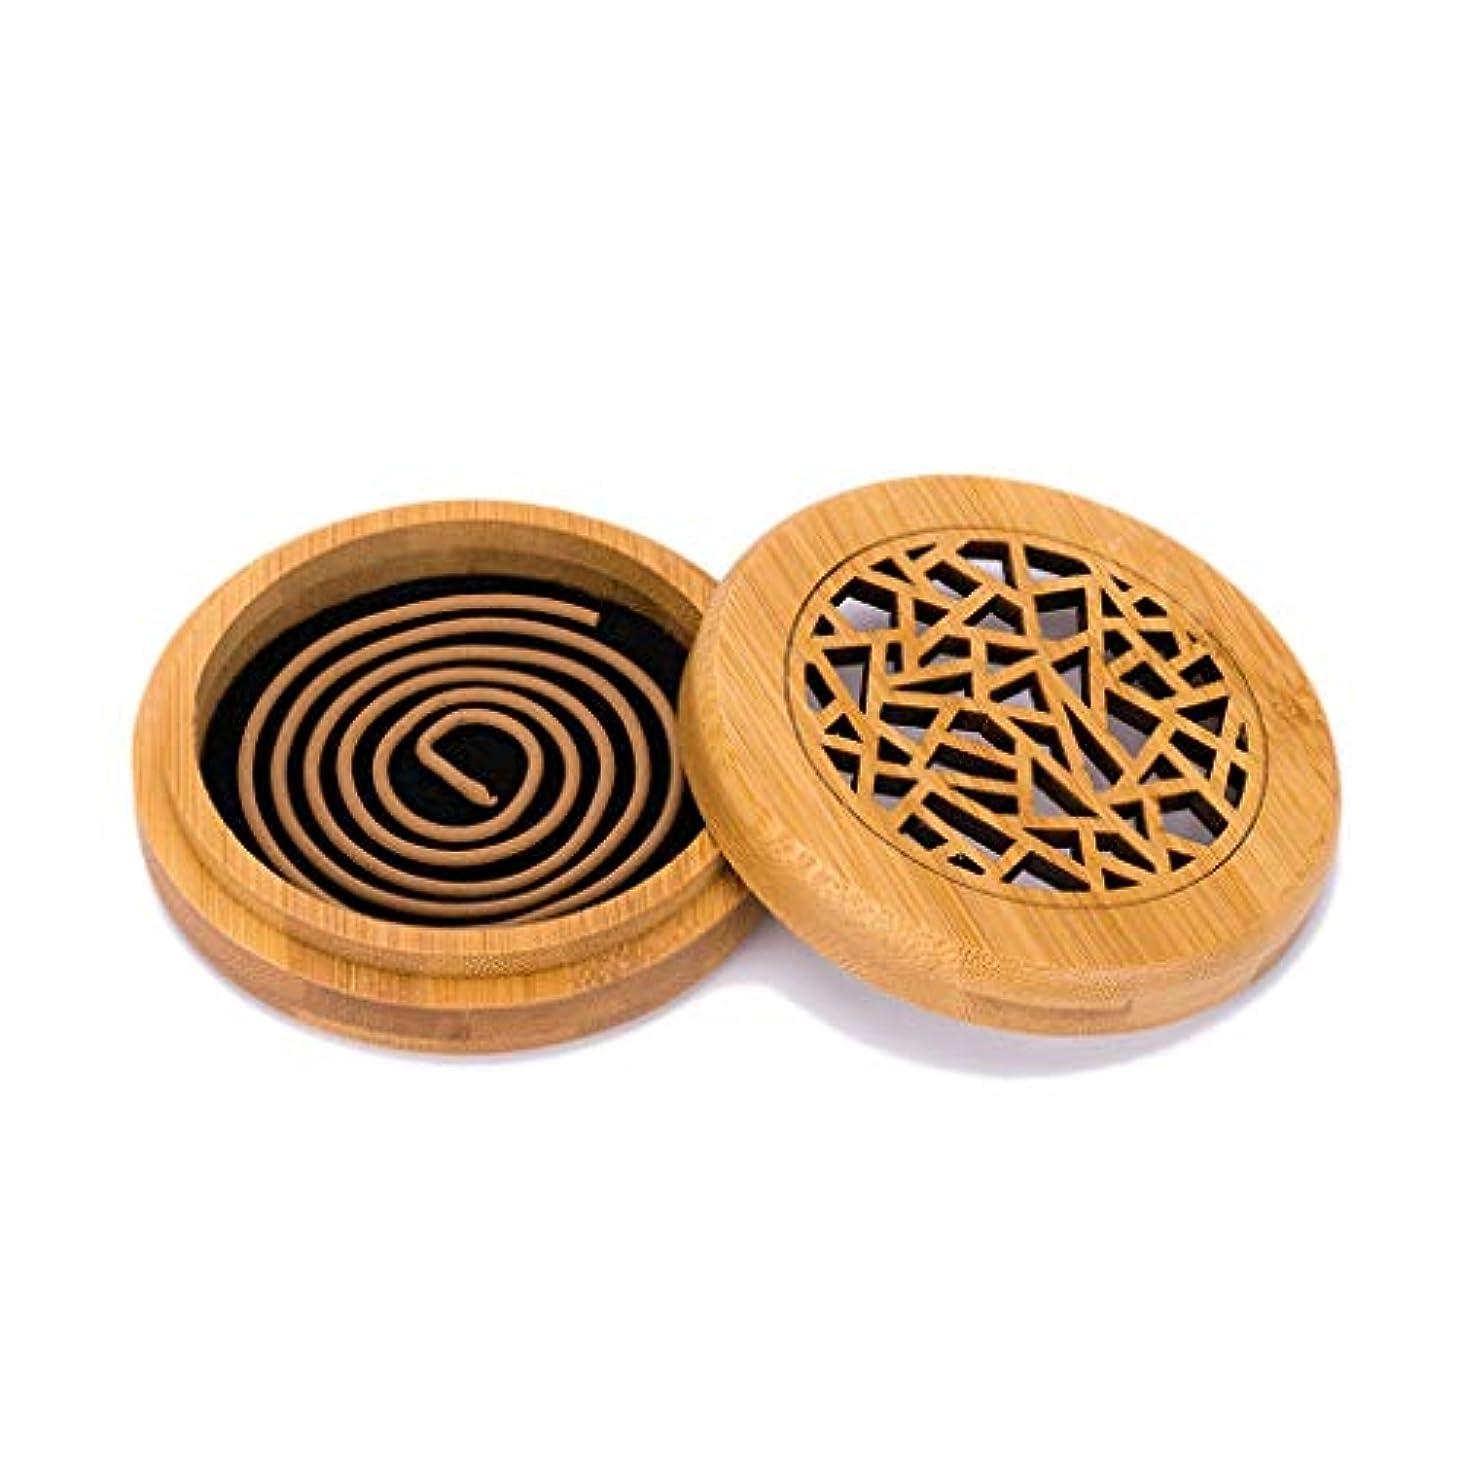 達成する謝罪ビザ木製香炉コイル香スティックコーンバーナーホルダー部屋の装飾瞑想竹アッシュキャッチャー香ホルダー (Color : Wood, サイズ : Round)